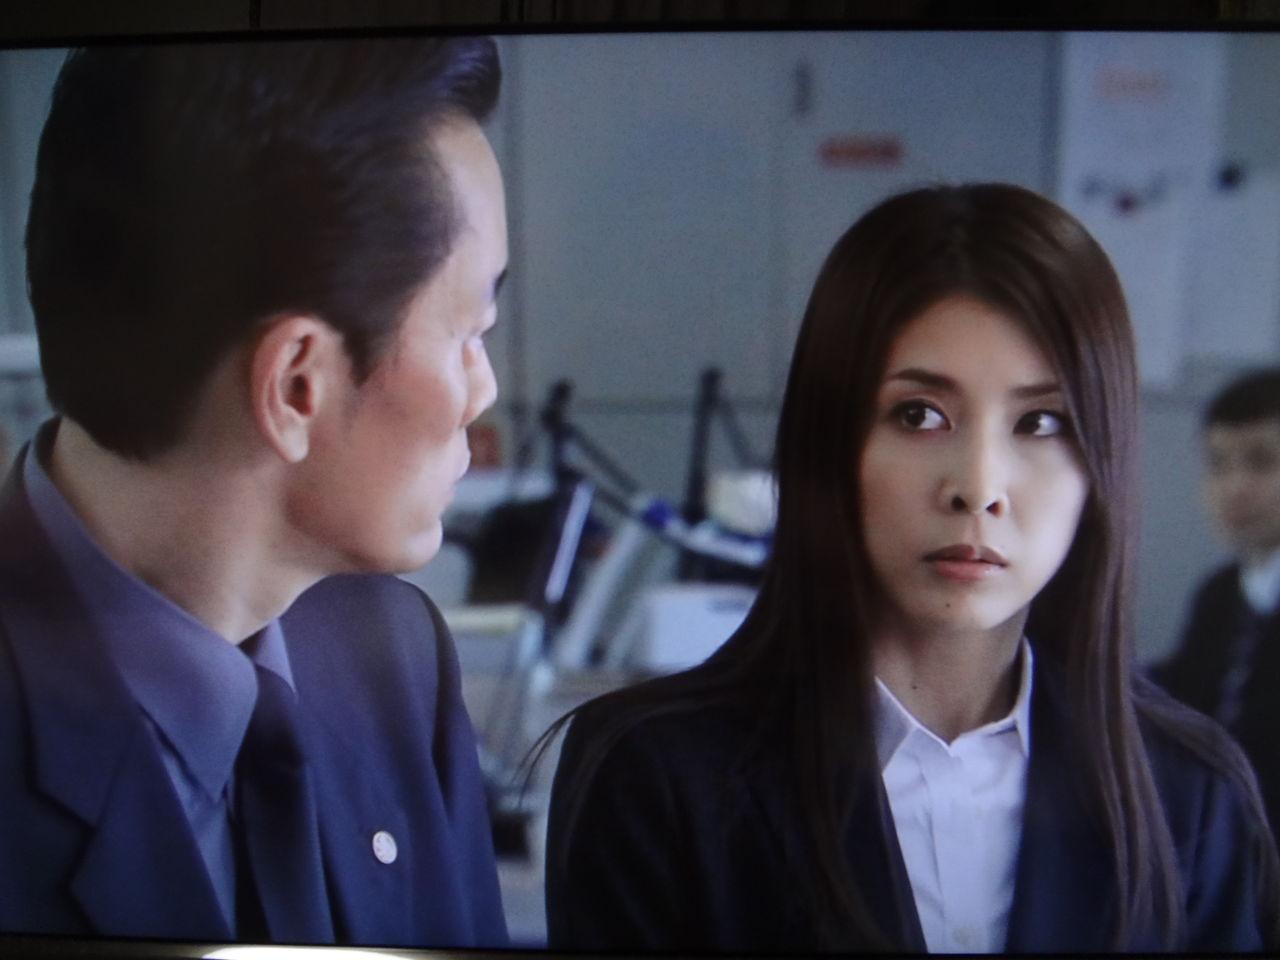 ストロベリーナイト 井岡役